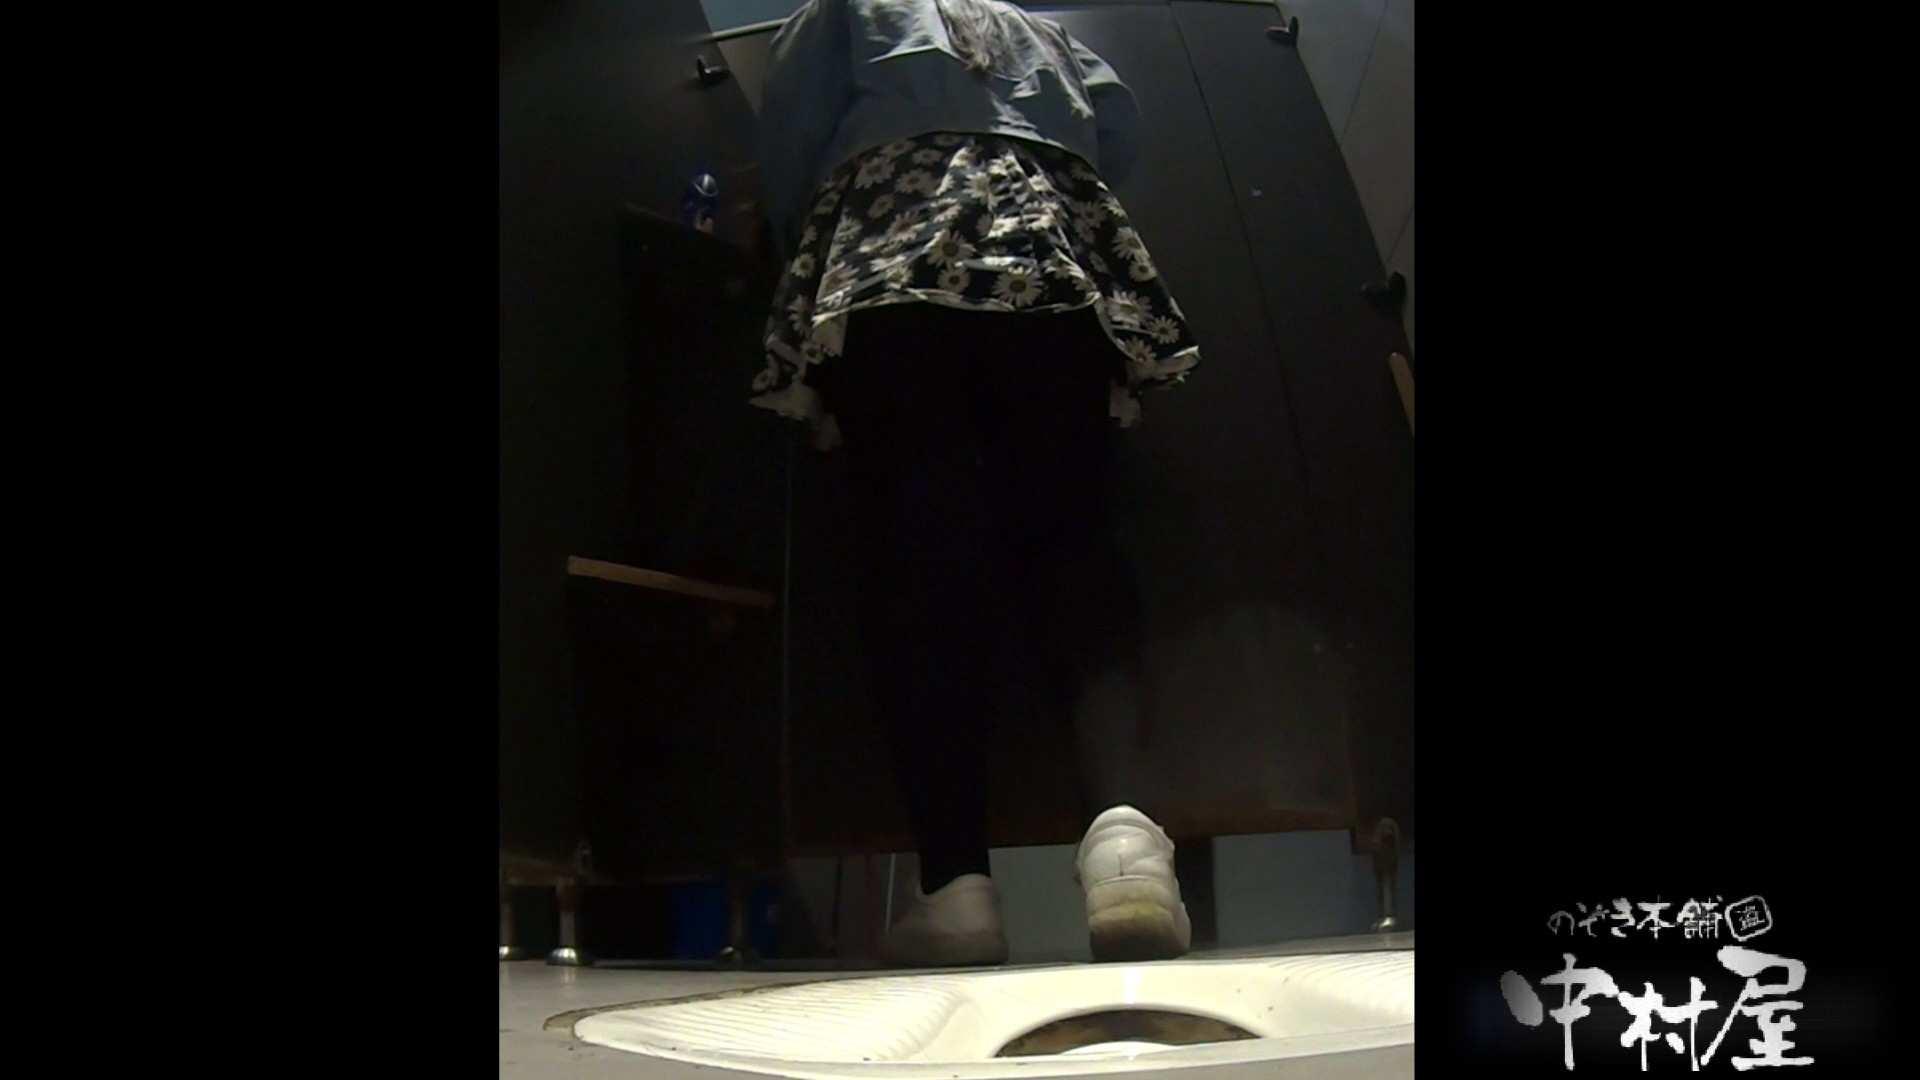 大学休憩時間の洗面所事情21 お姉さんのエロ動画 盗み撮り動画 108PIX 79